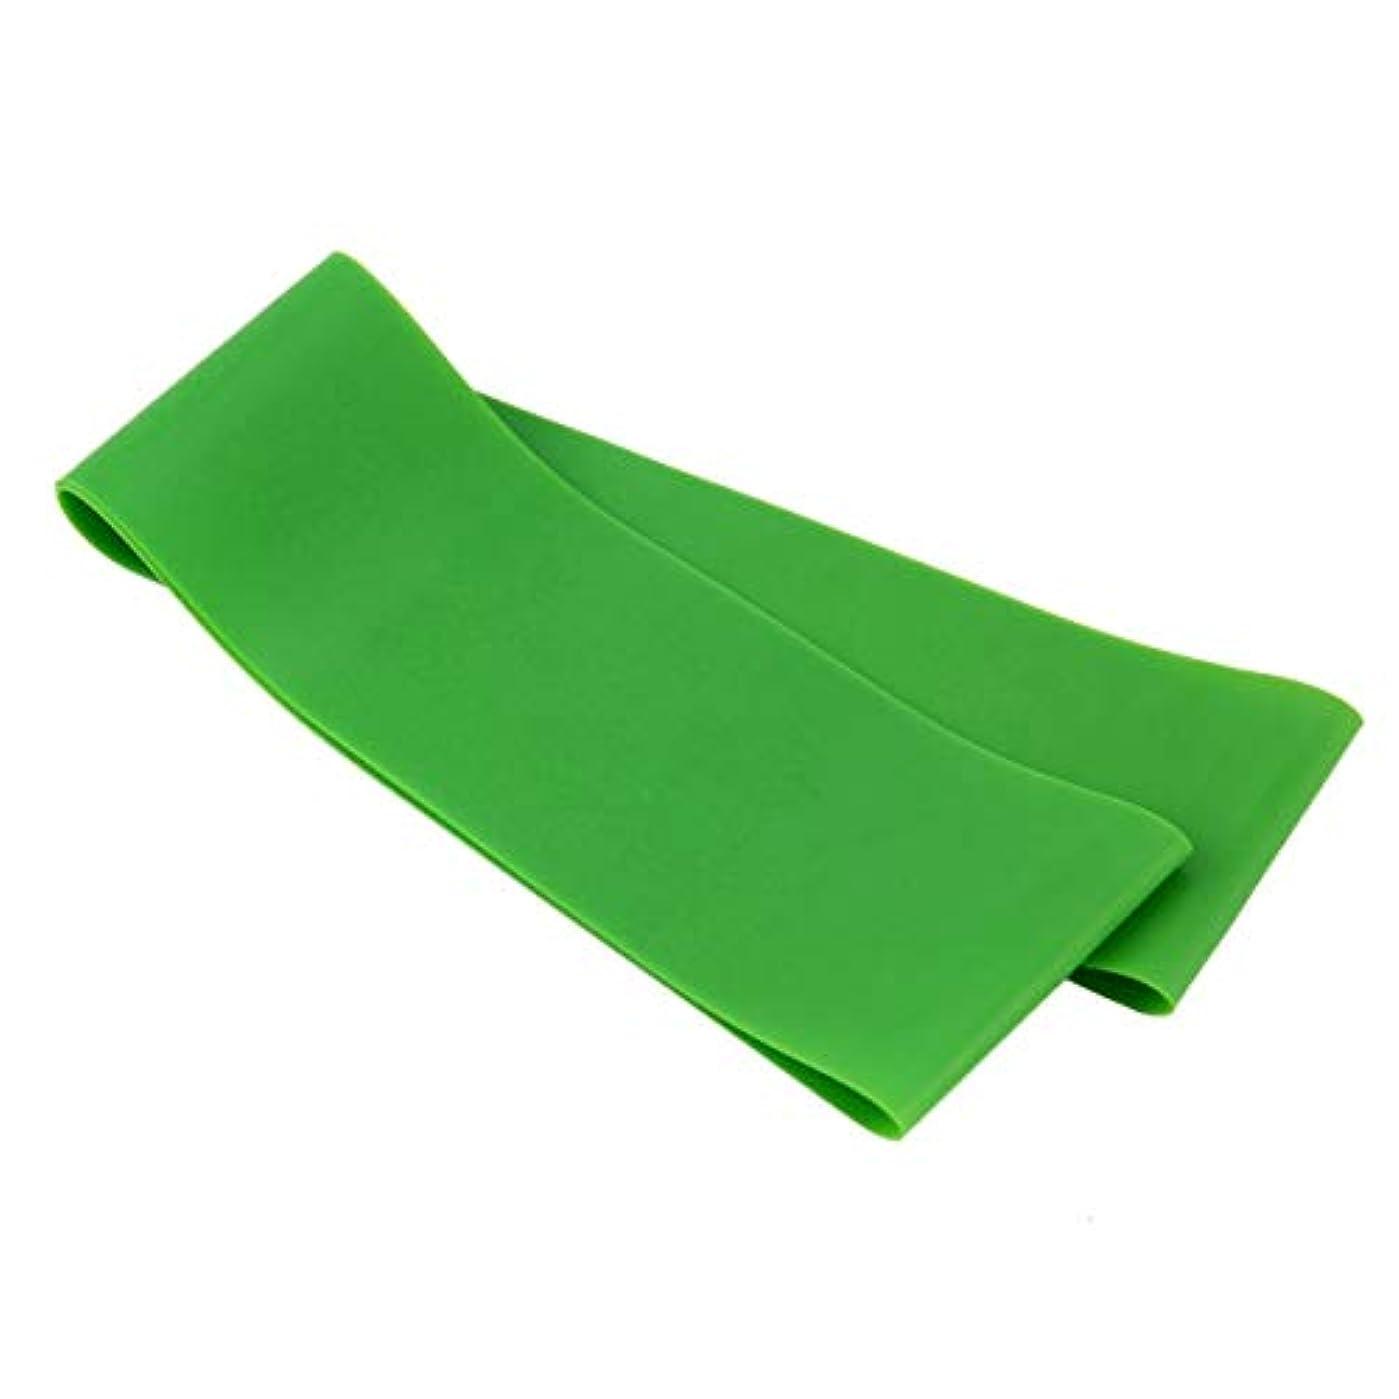 花束勧める湿原滑り止め伸縮性ゴム弾性ヨガベルトバンドプルロープ張力抵抗バンドループ強度のためのフィットネスヨガツール - ブラック